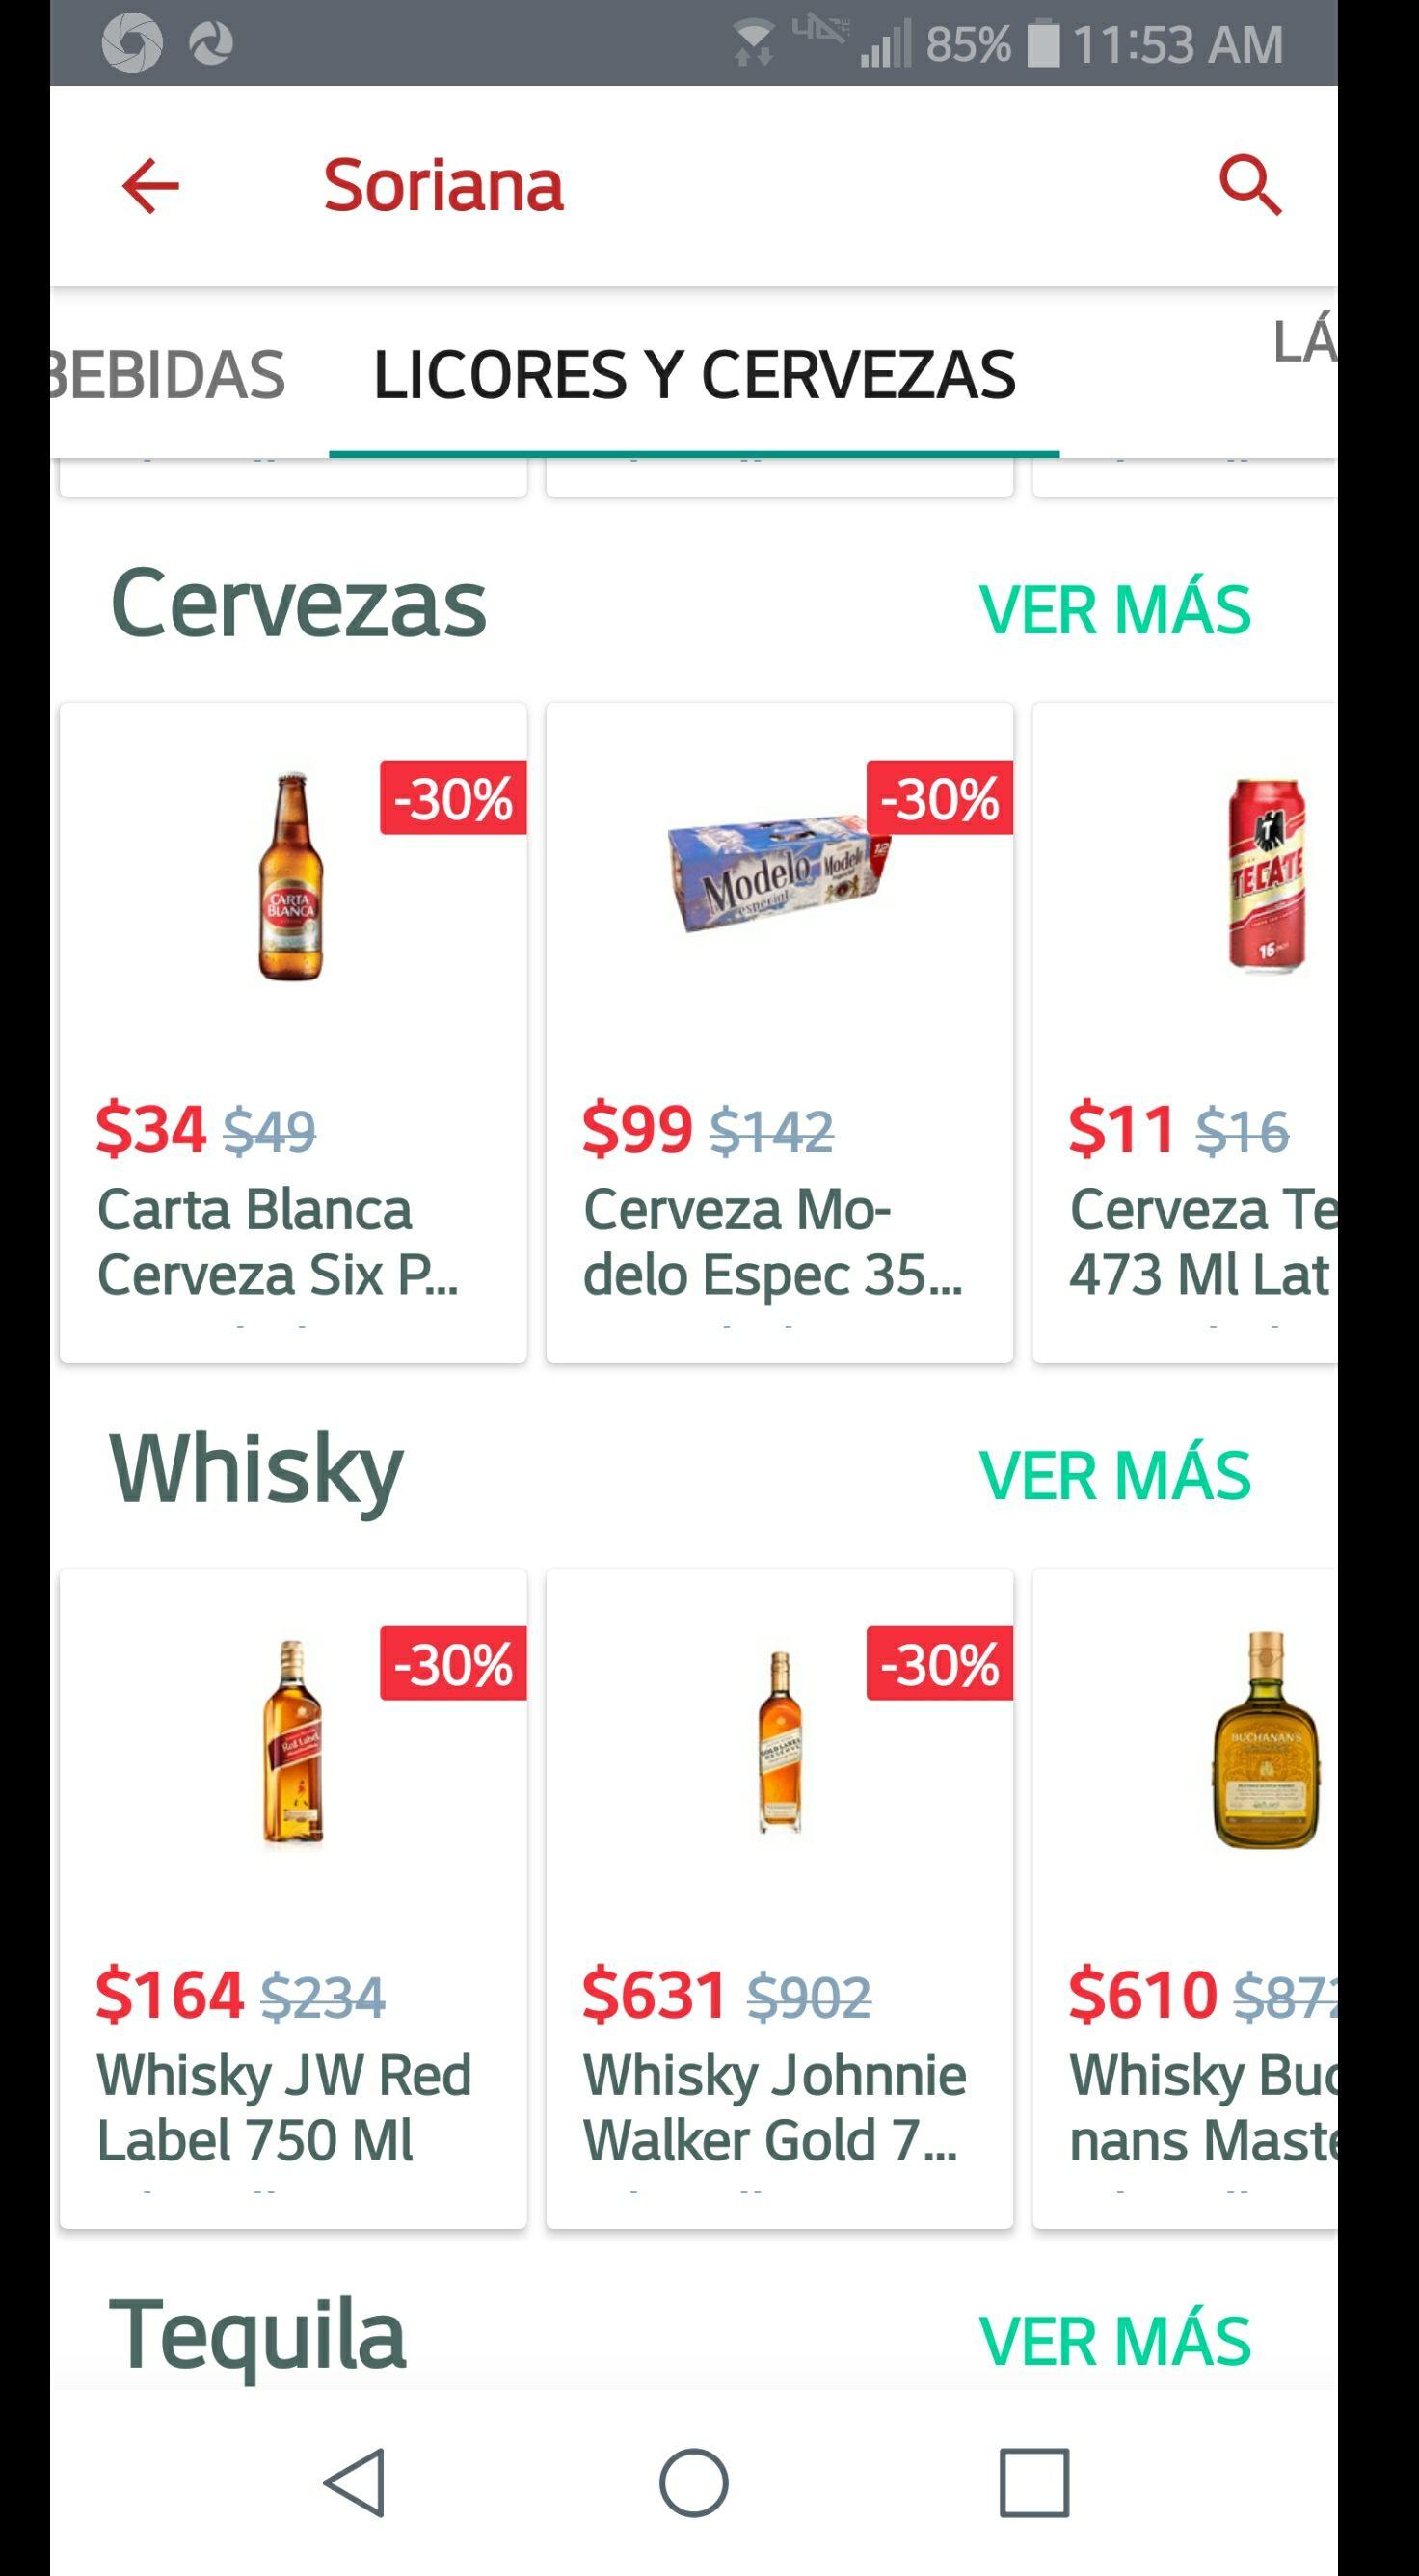 Mercadoni: 30% de descuento en vinos, licores y cerveza